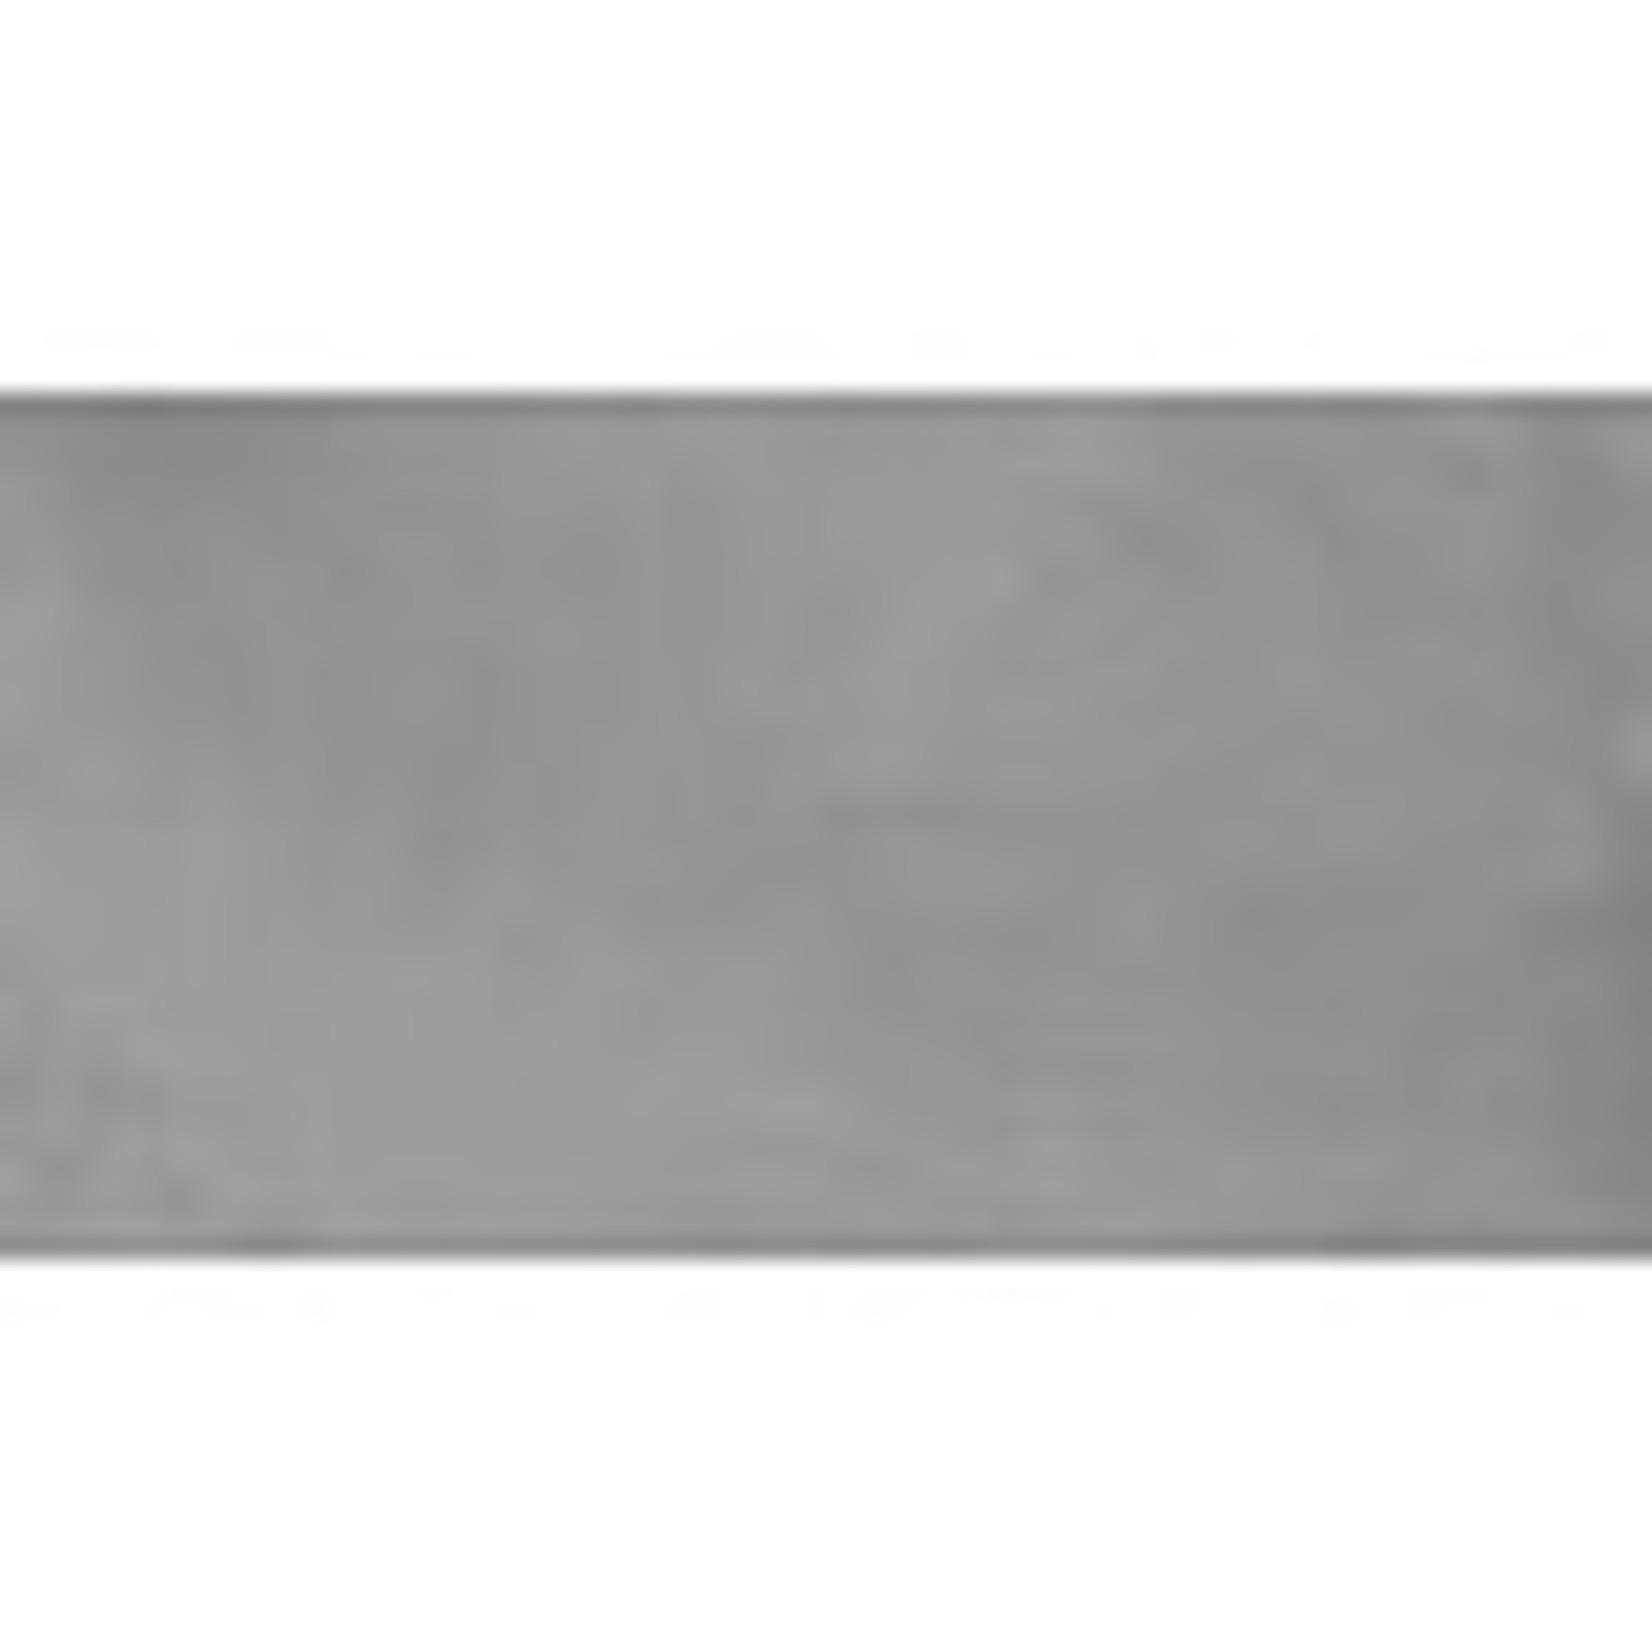 Ceramique 1224-53 16pc par boite